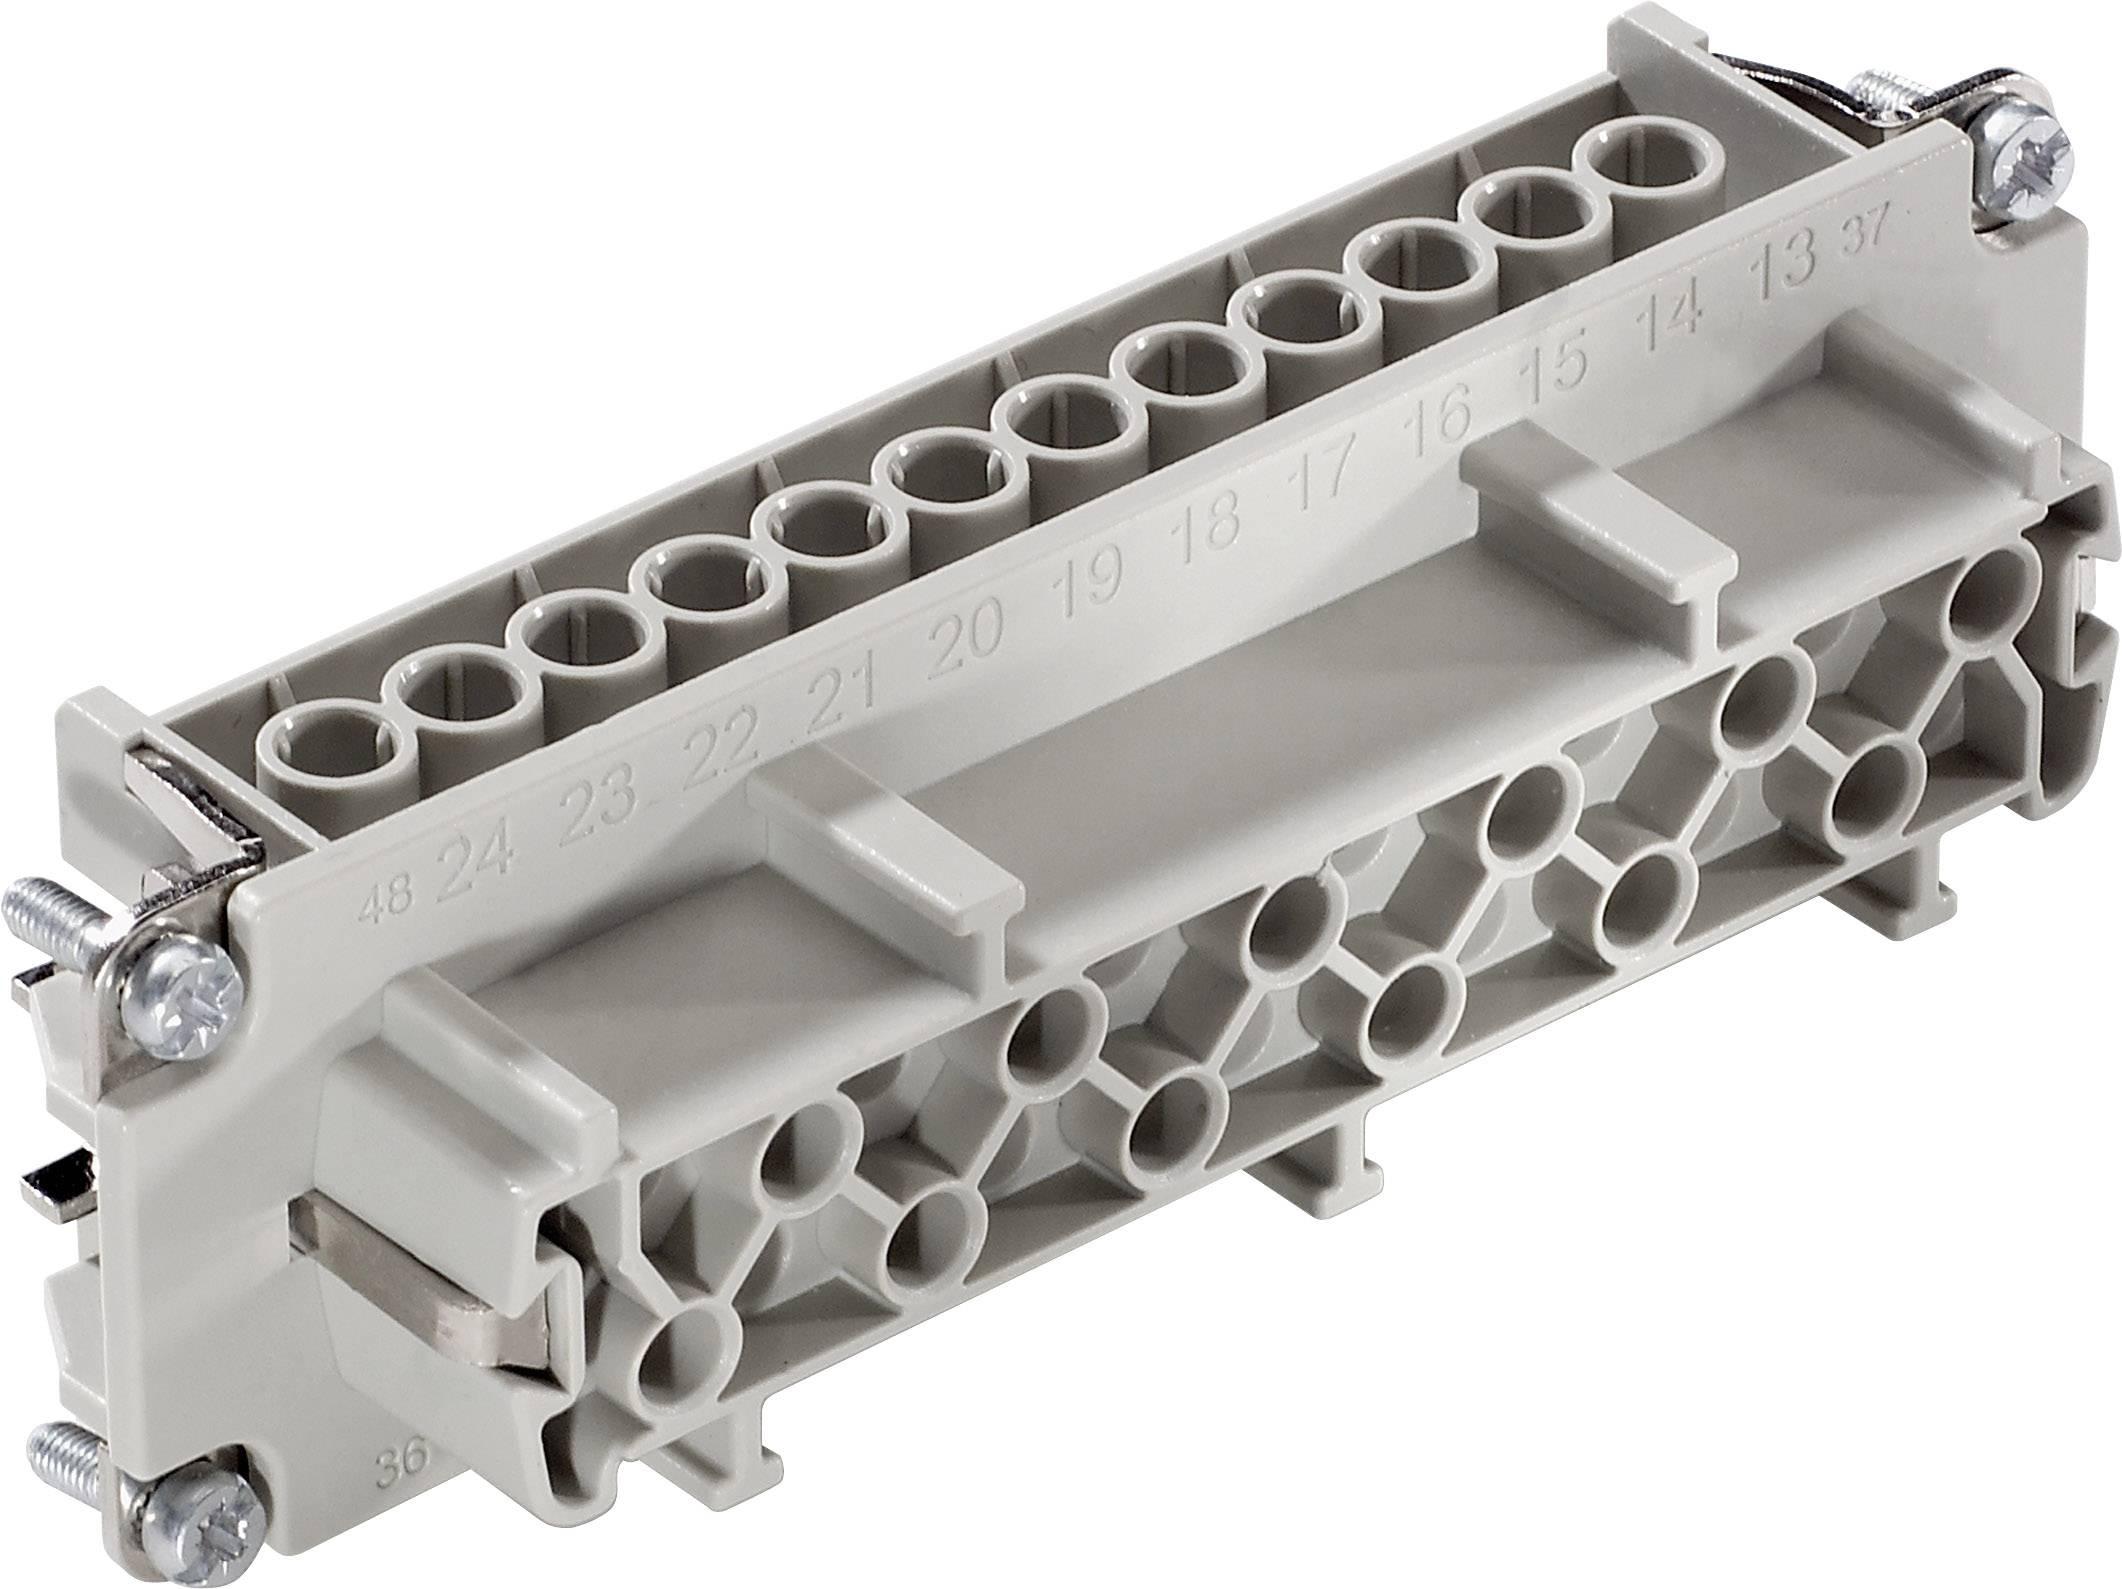 Krabicová svorka EPIC® H-BE 16 10195000 LappKabel počet kontaktů 16 + PE 1 ks